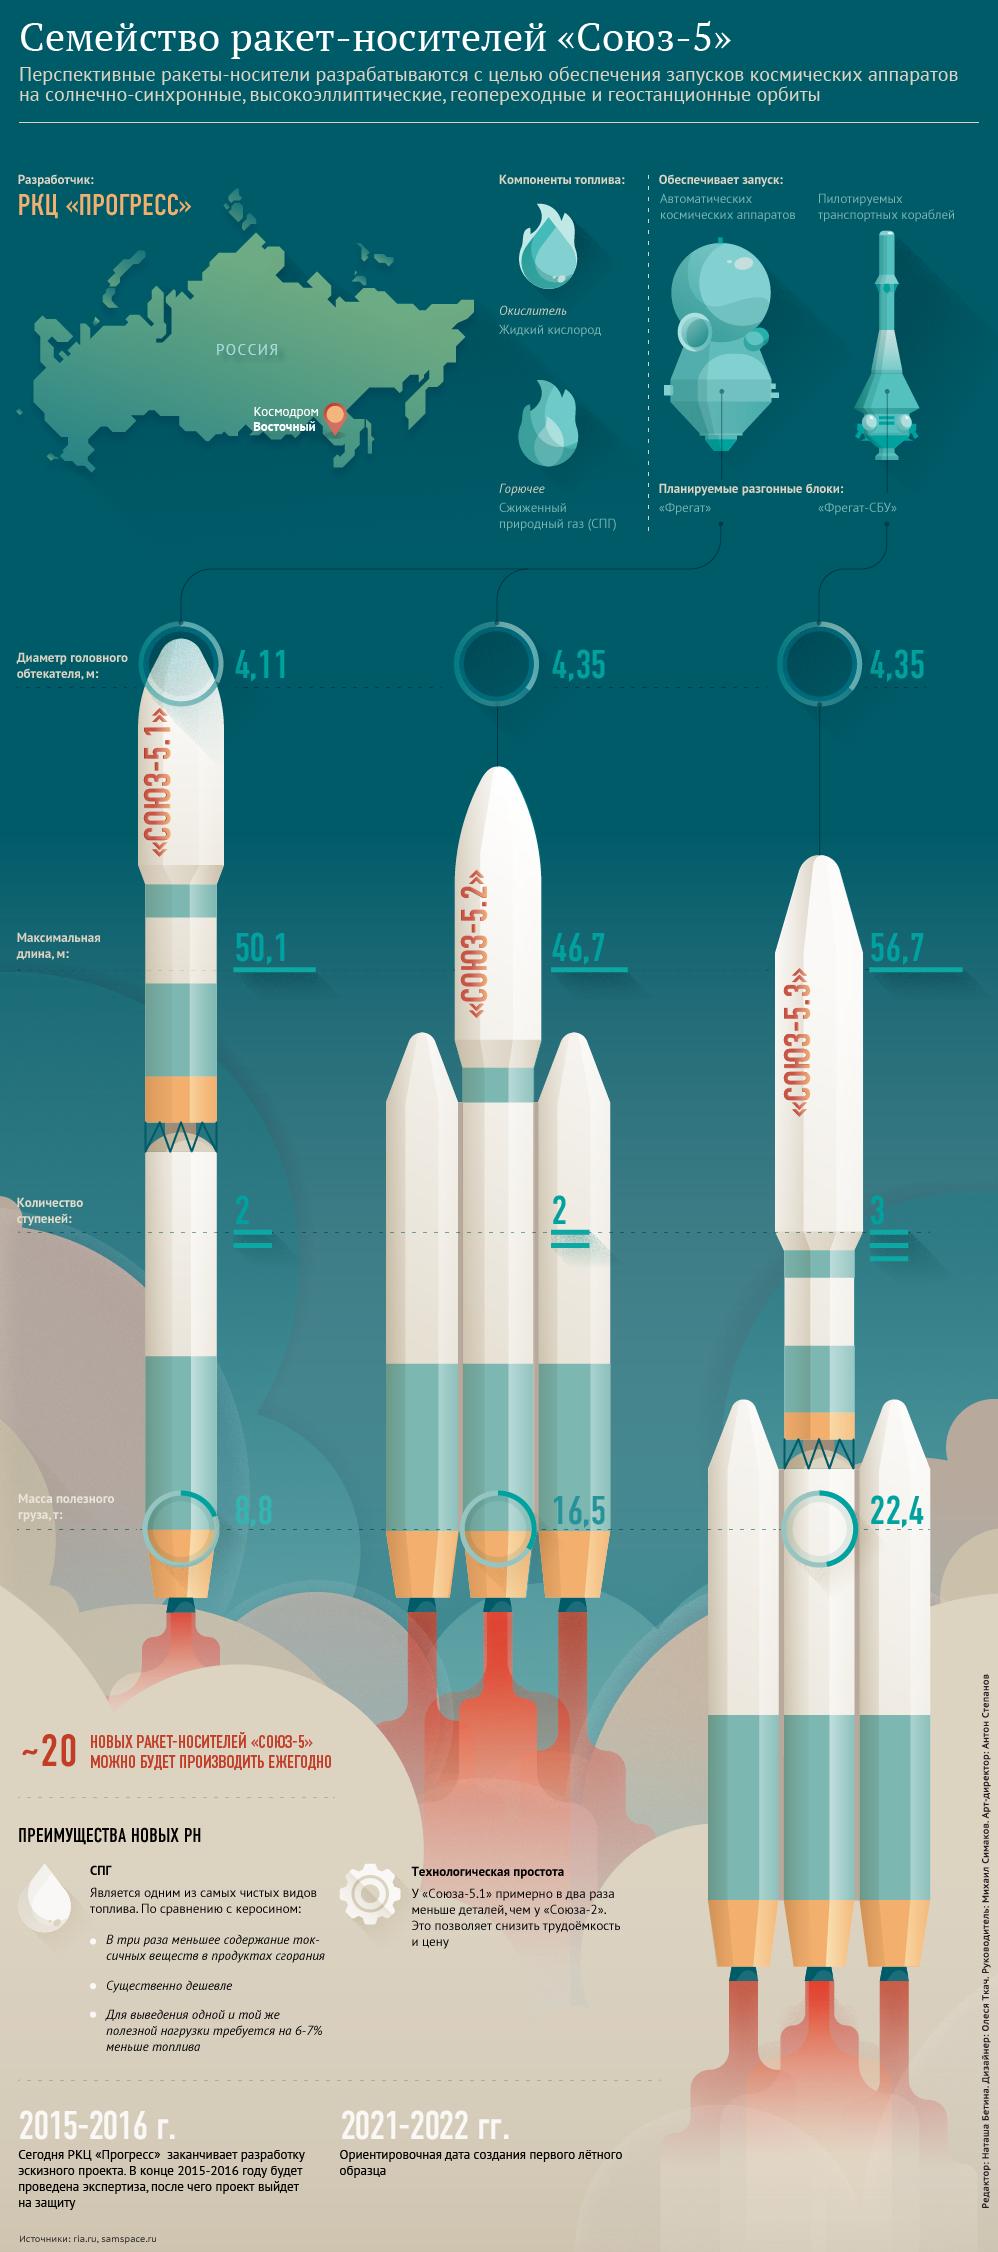 Семейство ракет-носителей «Союз-5»